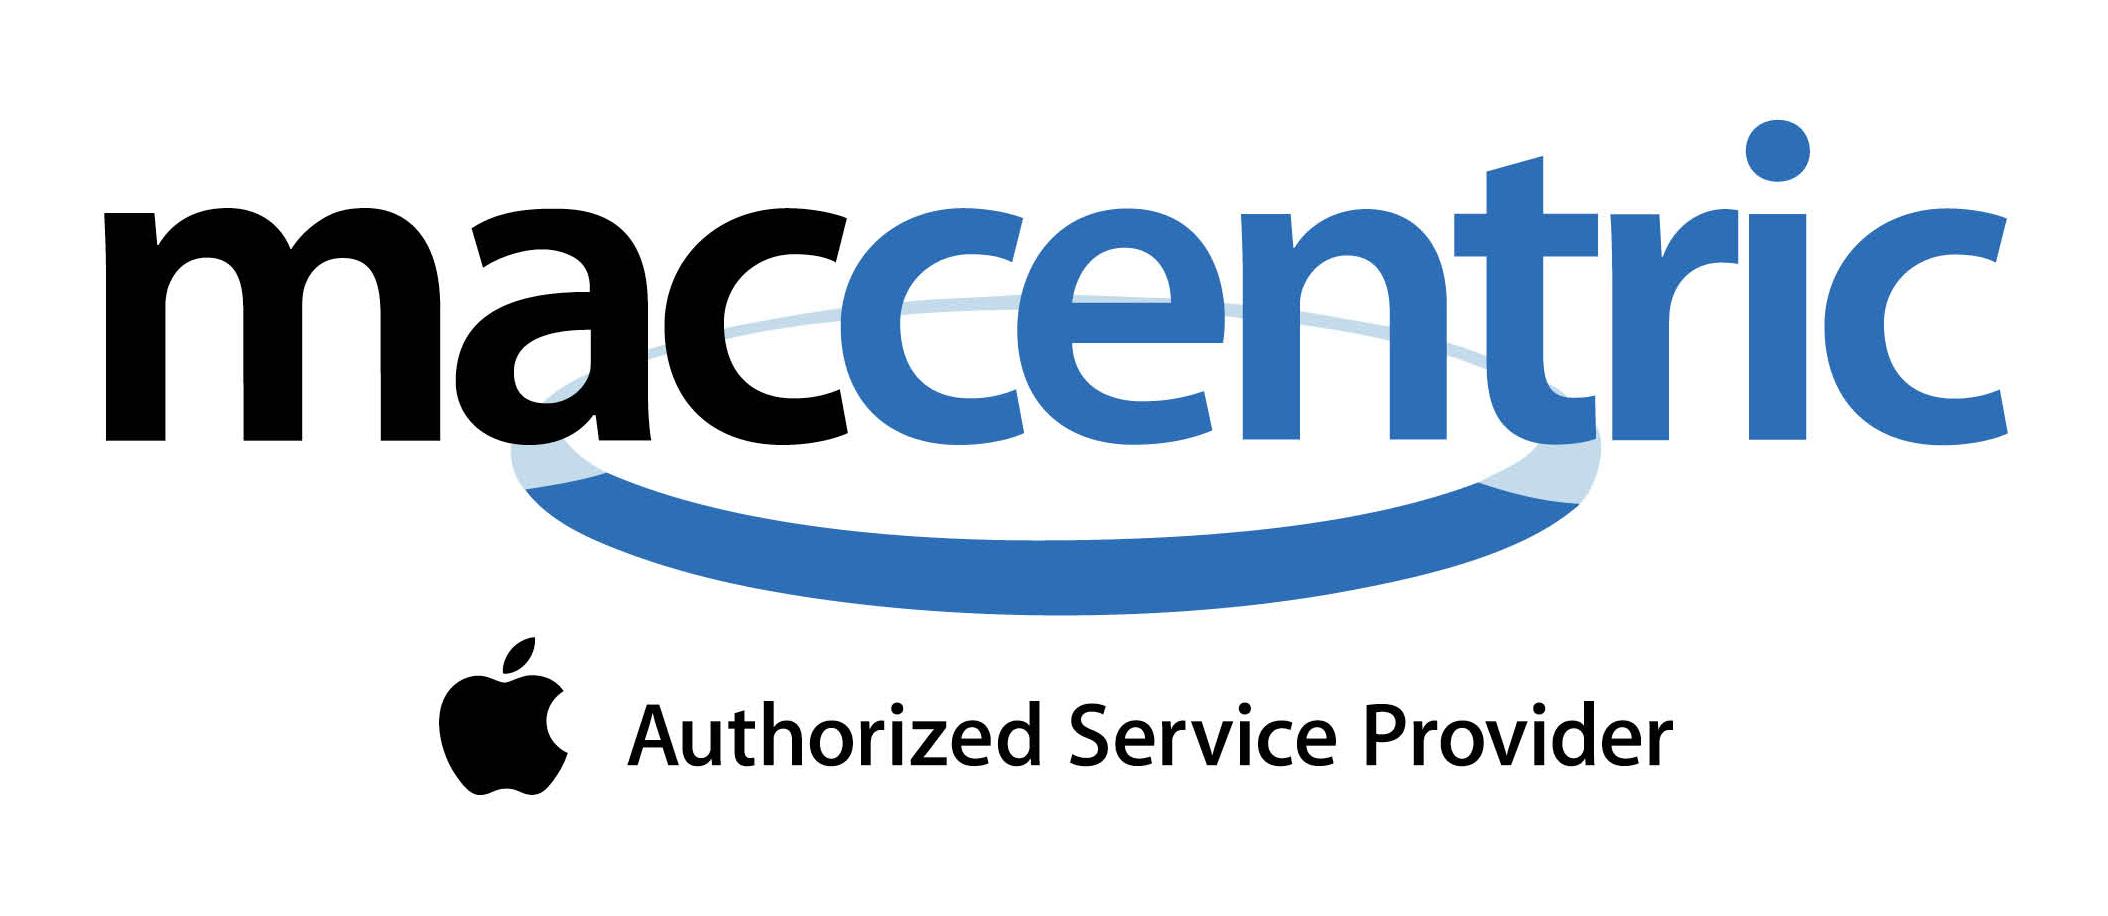 Maccentric